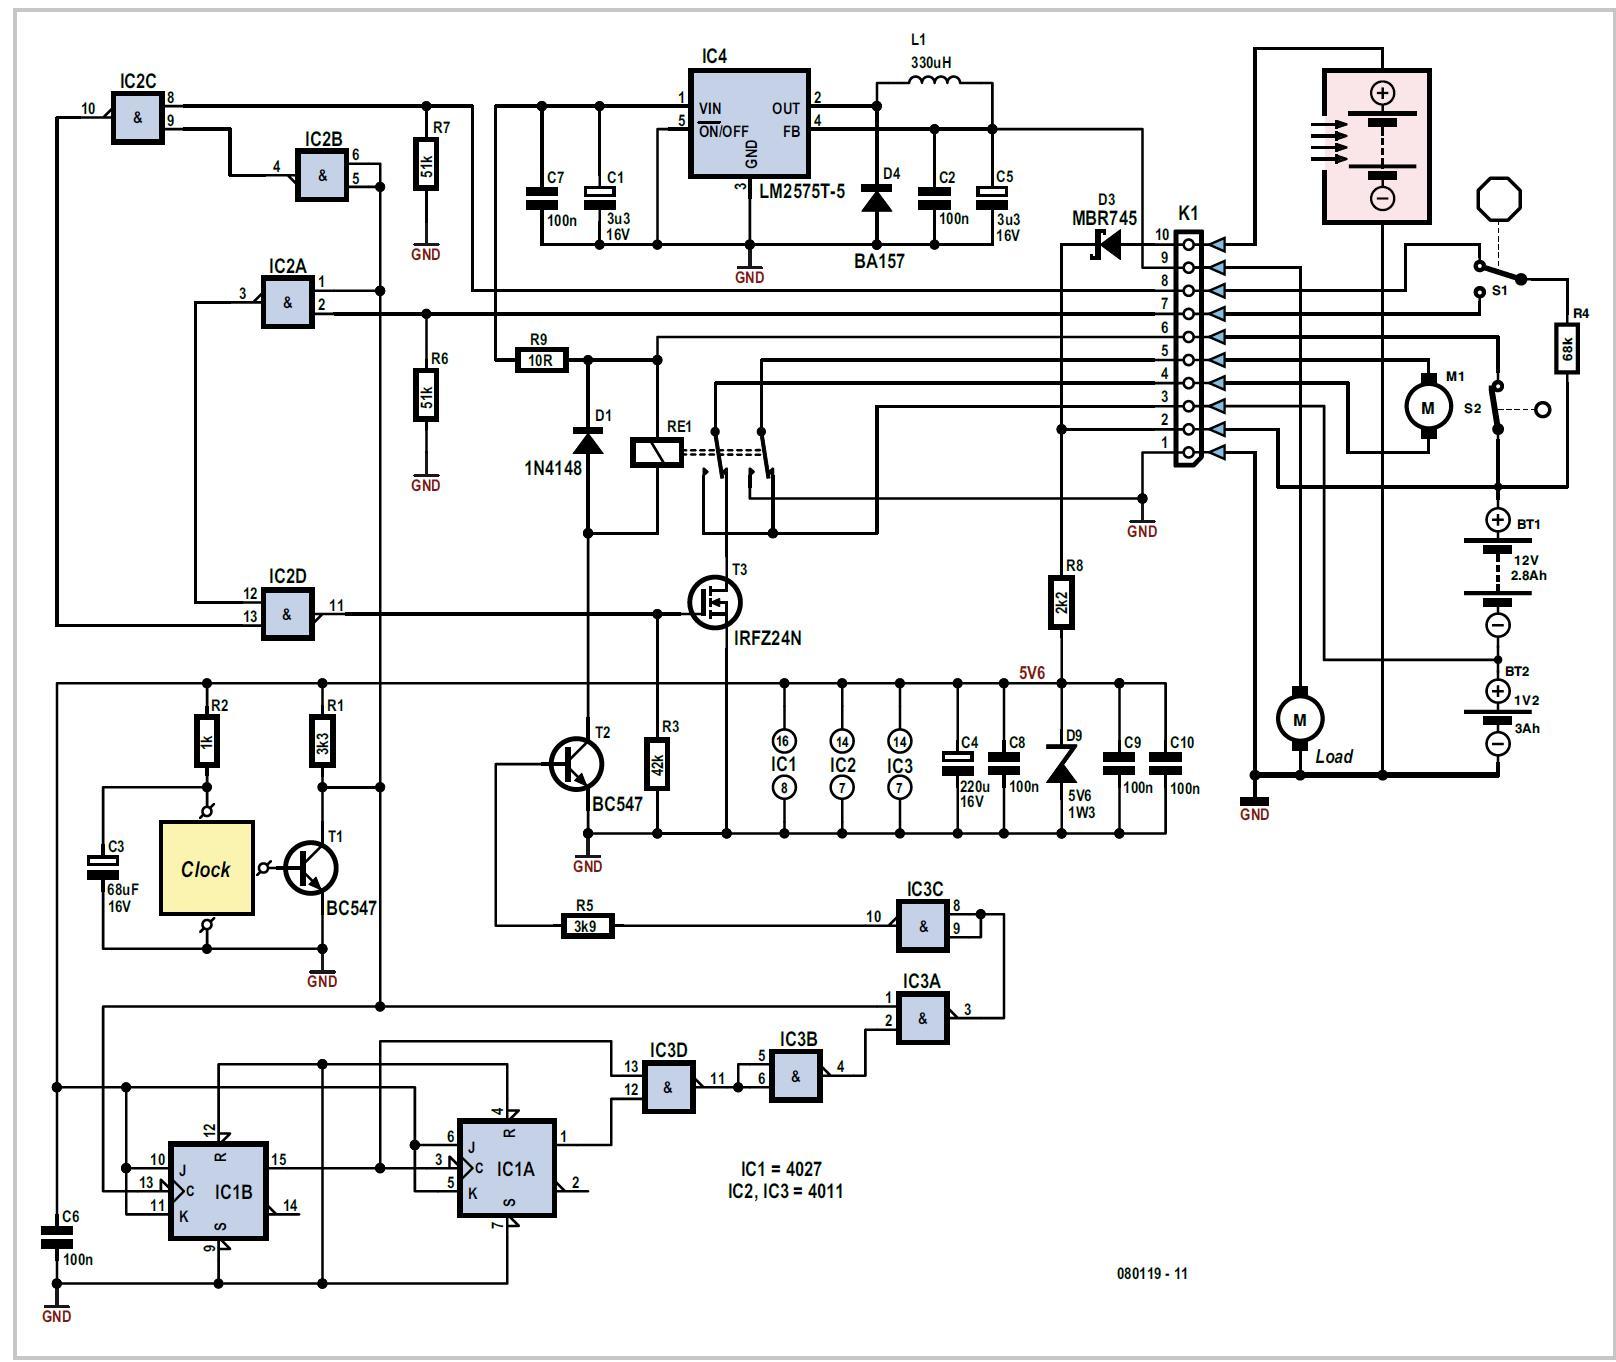 Tracking Solar Panel Schematic Circuit Diagram Wireless Doorbell